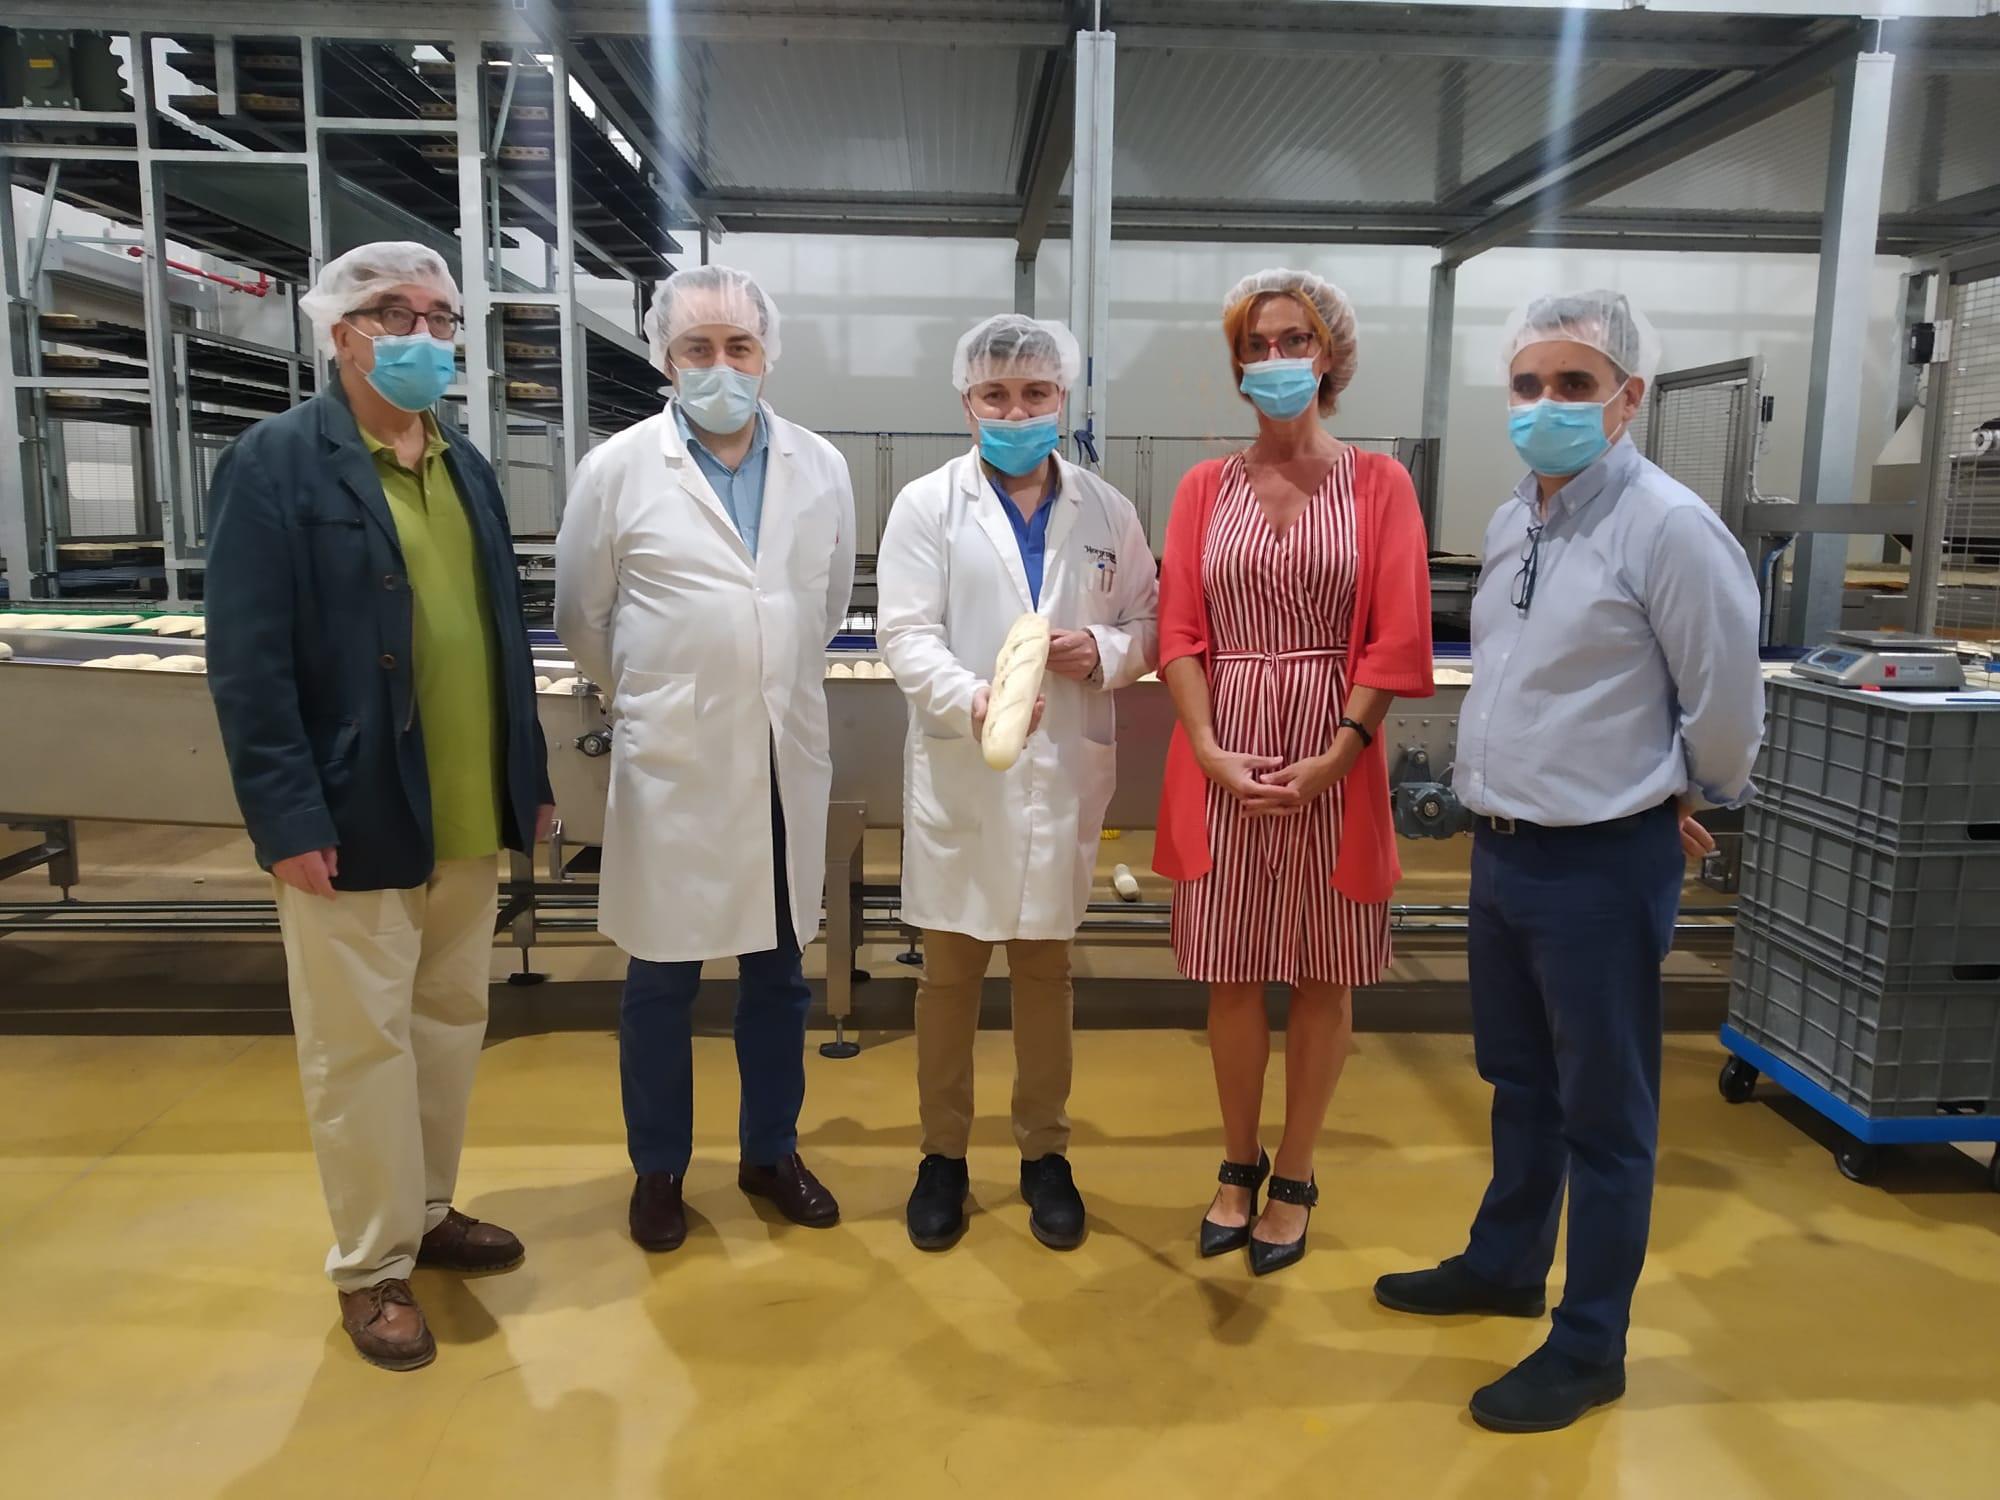 La Alcaldesa y el Concejal de Ordenación del Territorio, visitan las instalaciones de la empresa Madripan